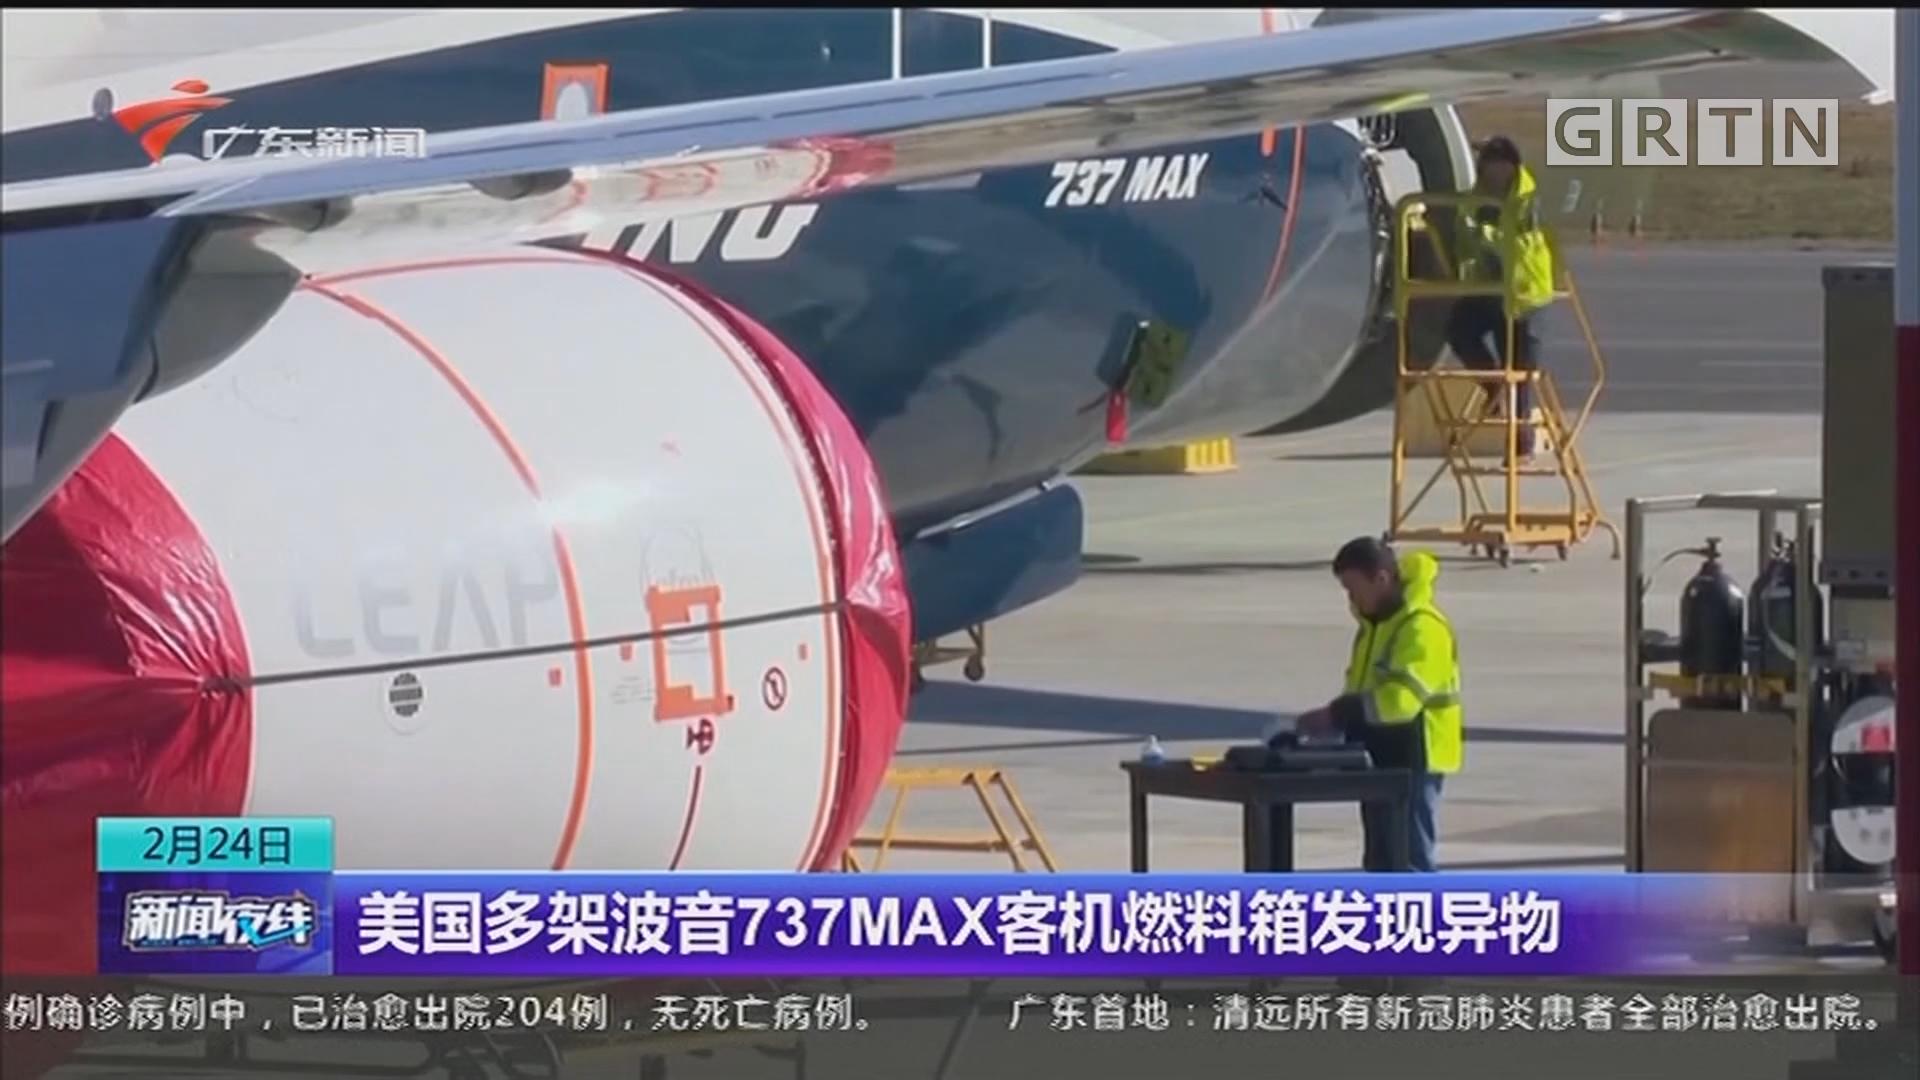 美国多架波音737MAX客机燃料箱发现异物